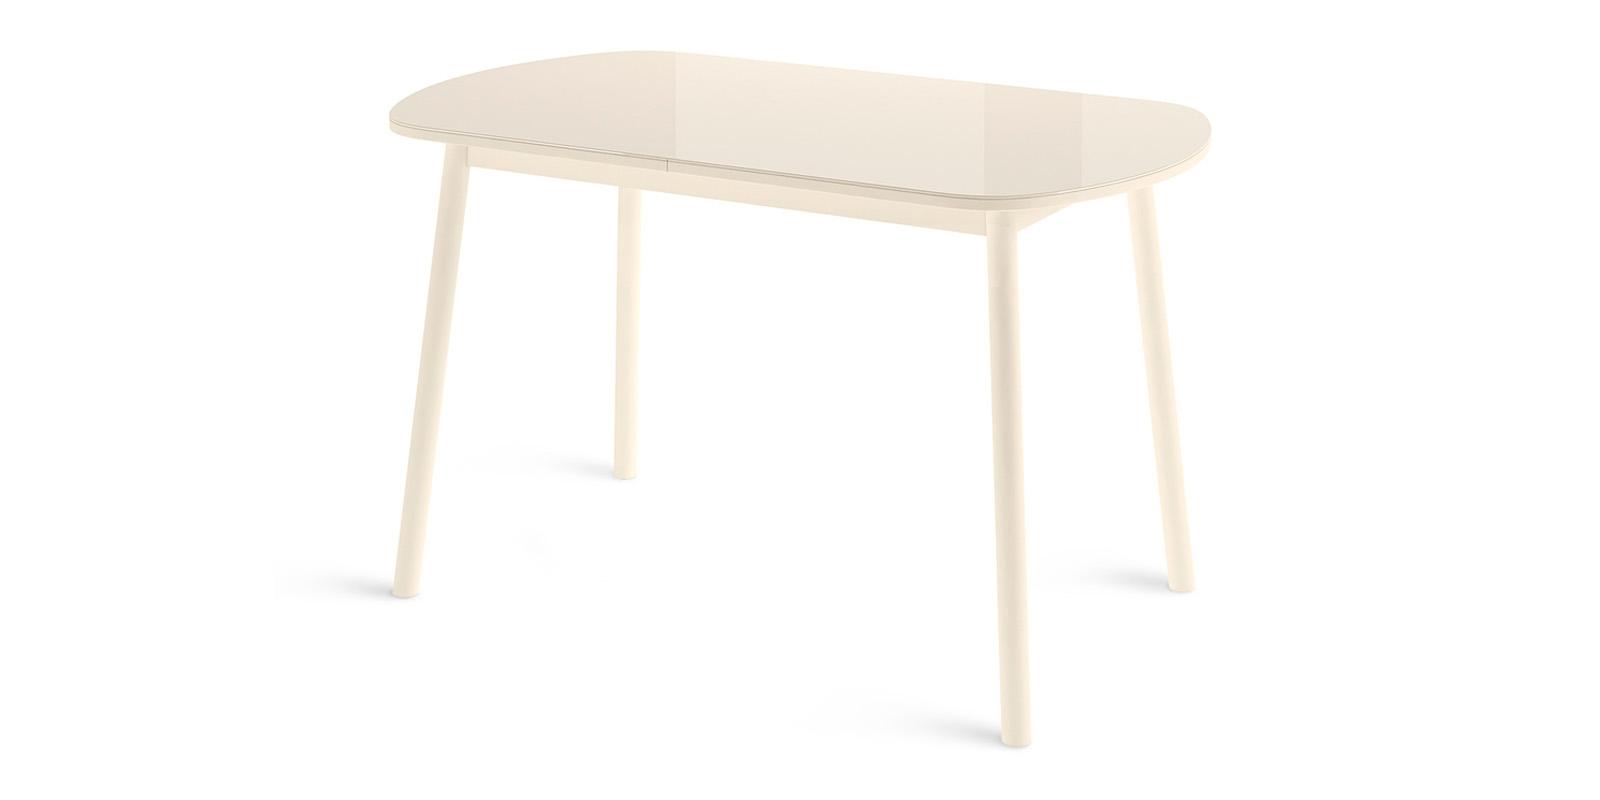 Кухонный стол HomeMe Раунд от Homeme.ru